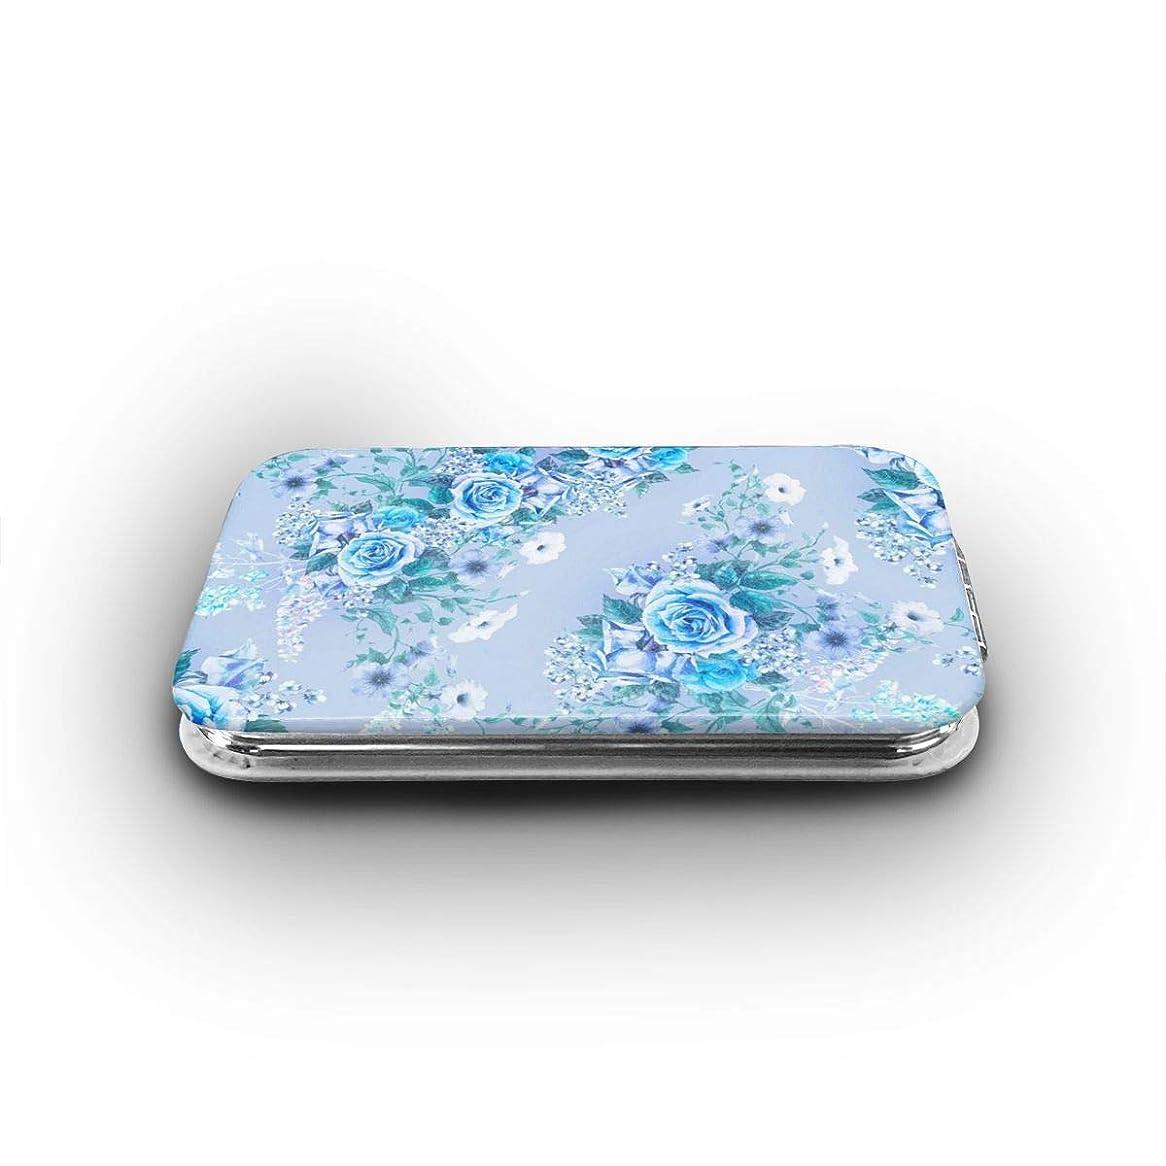 青のバラ 携帯ミラー 手鏡 化粧鏡 ミニ化粧鏡 3倍拡大鏡+等倍鏡 両面化粧鏡 角型 携帯型 折り畳み式 コンパクト鏡 外出に 持ち運び便利 超軽量 おしゃれ 9.8X6.6CM